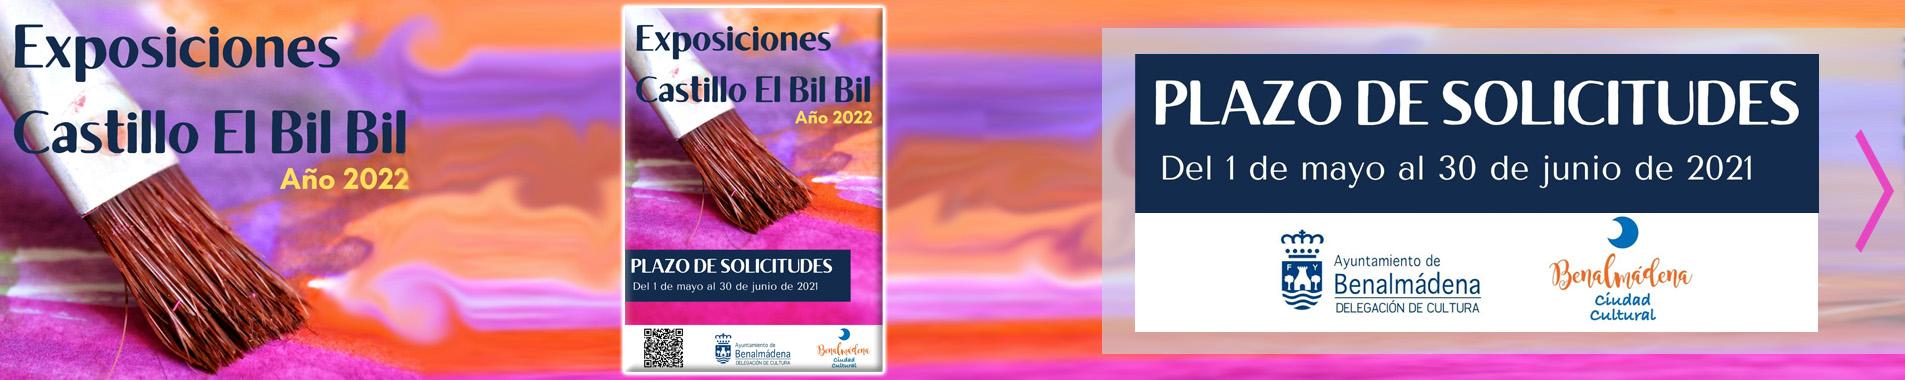 Solicitud de exposiciones Castillo El Bil Bil 2022